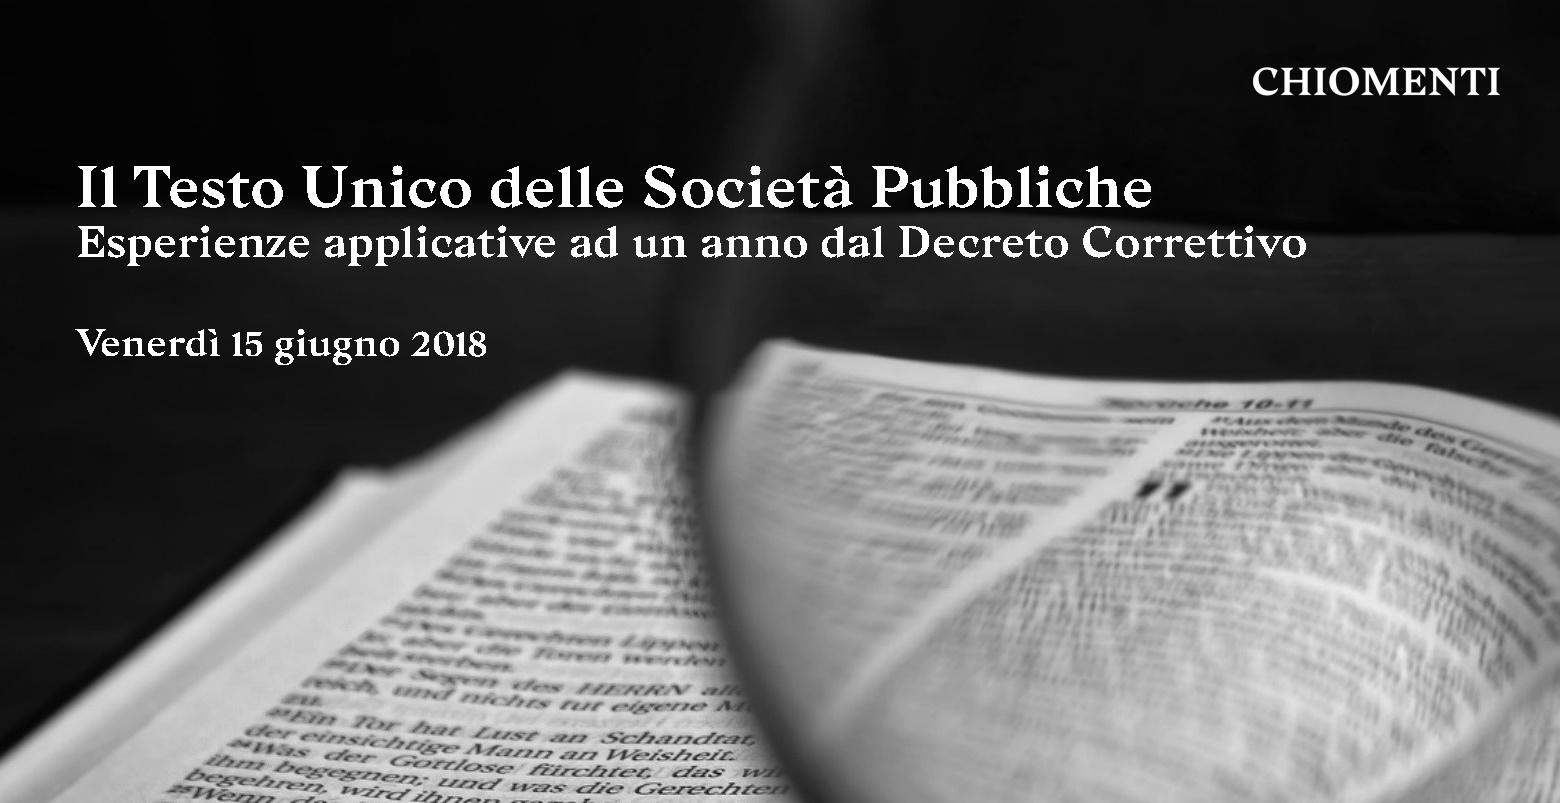 """Seminario """"Il testo unico delle società pubbliche - Esperienze applicative ad un anno dal Decreto Correttivo"""", Roma, 15 giugno 2018"""